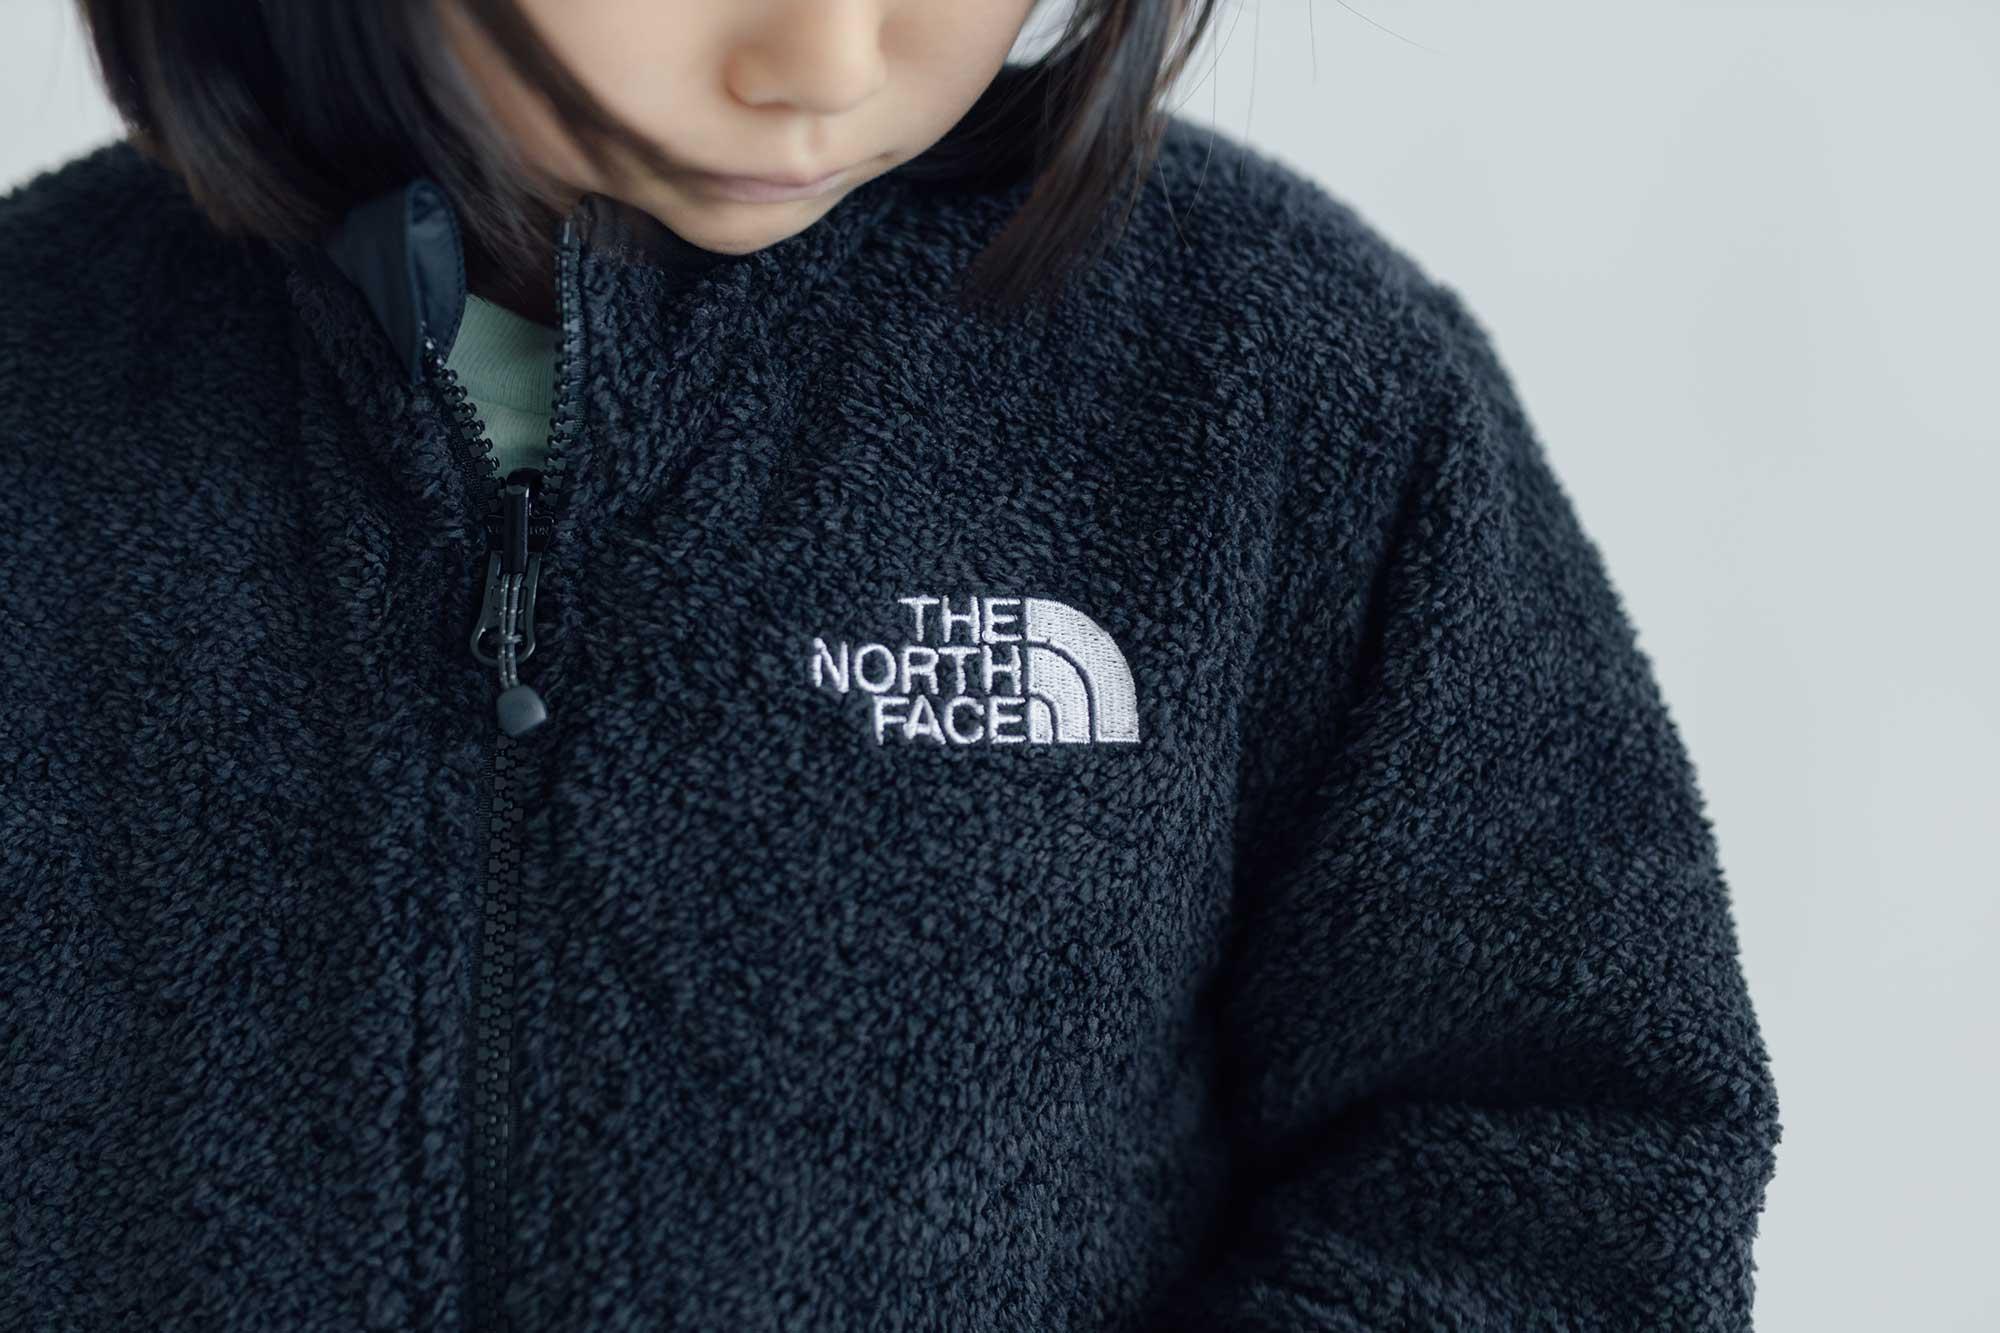 THE NORTH FACE リバーシブル コージー ジャケット キッズ